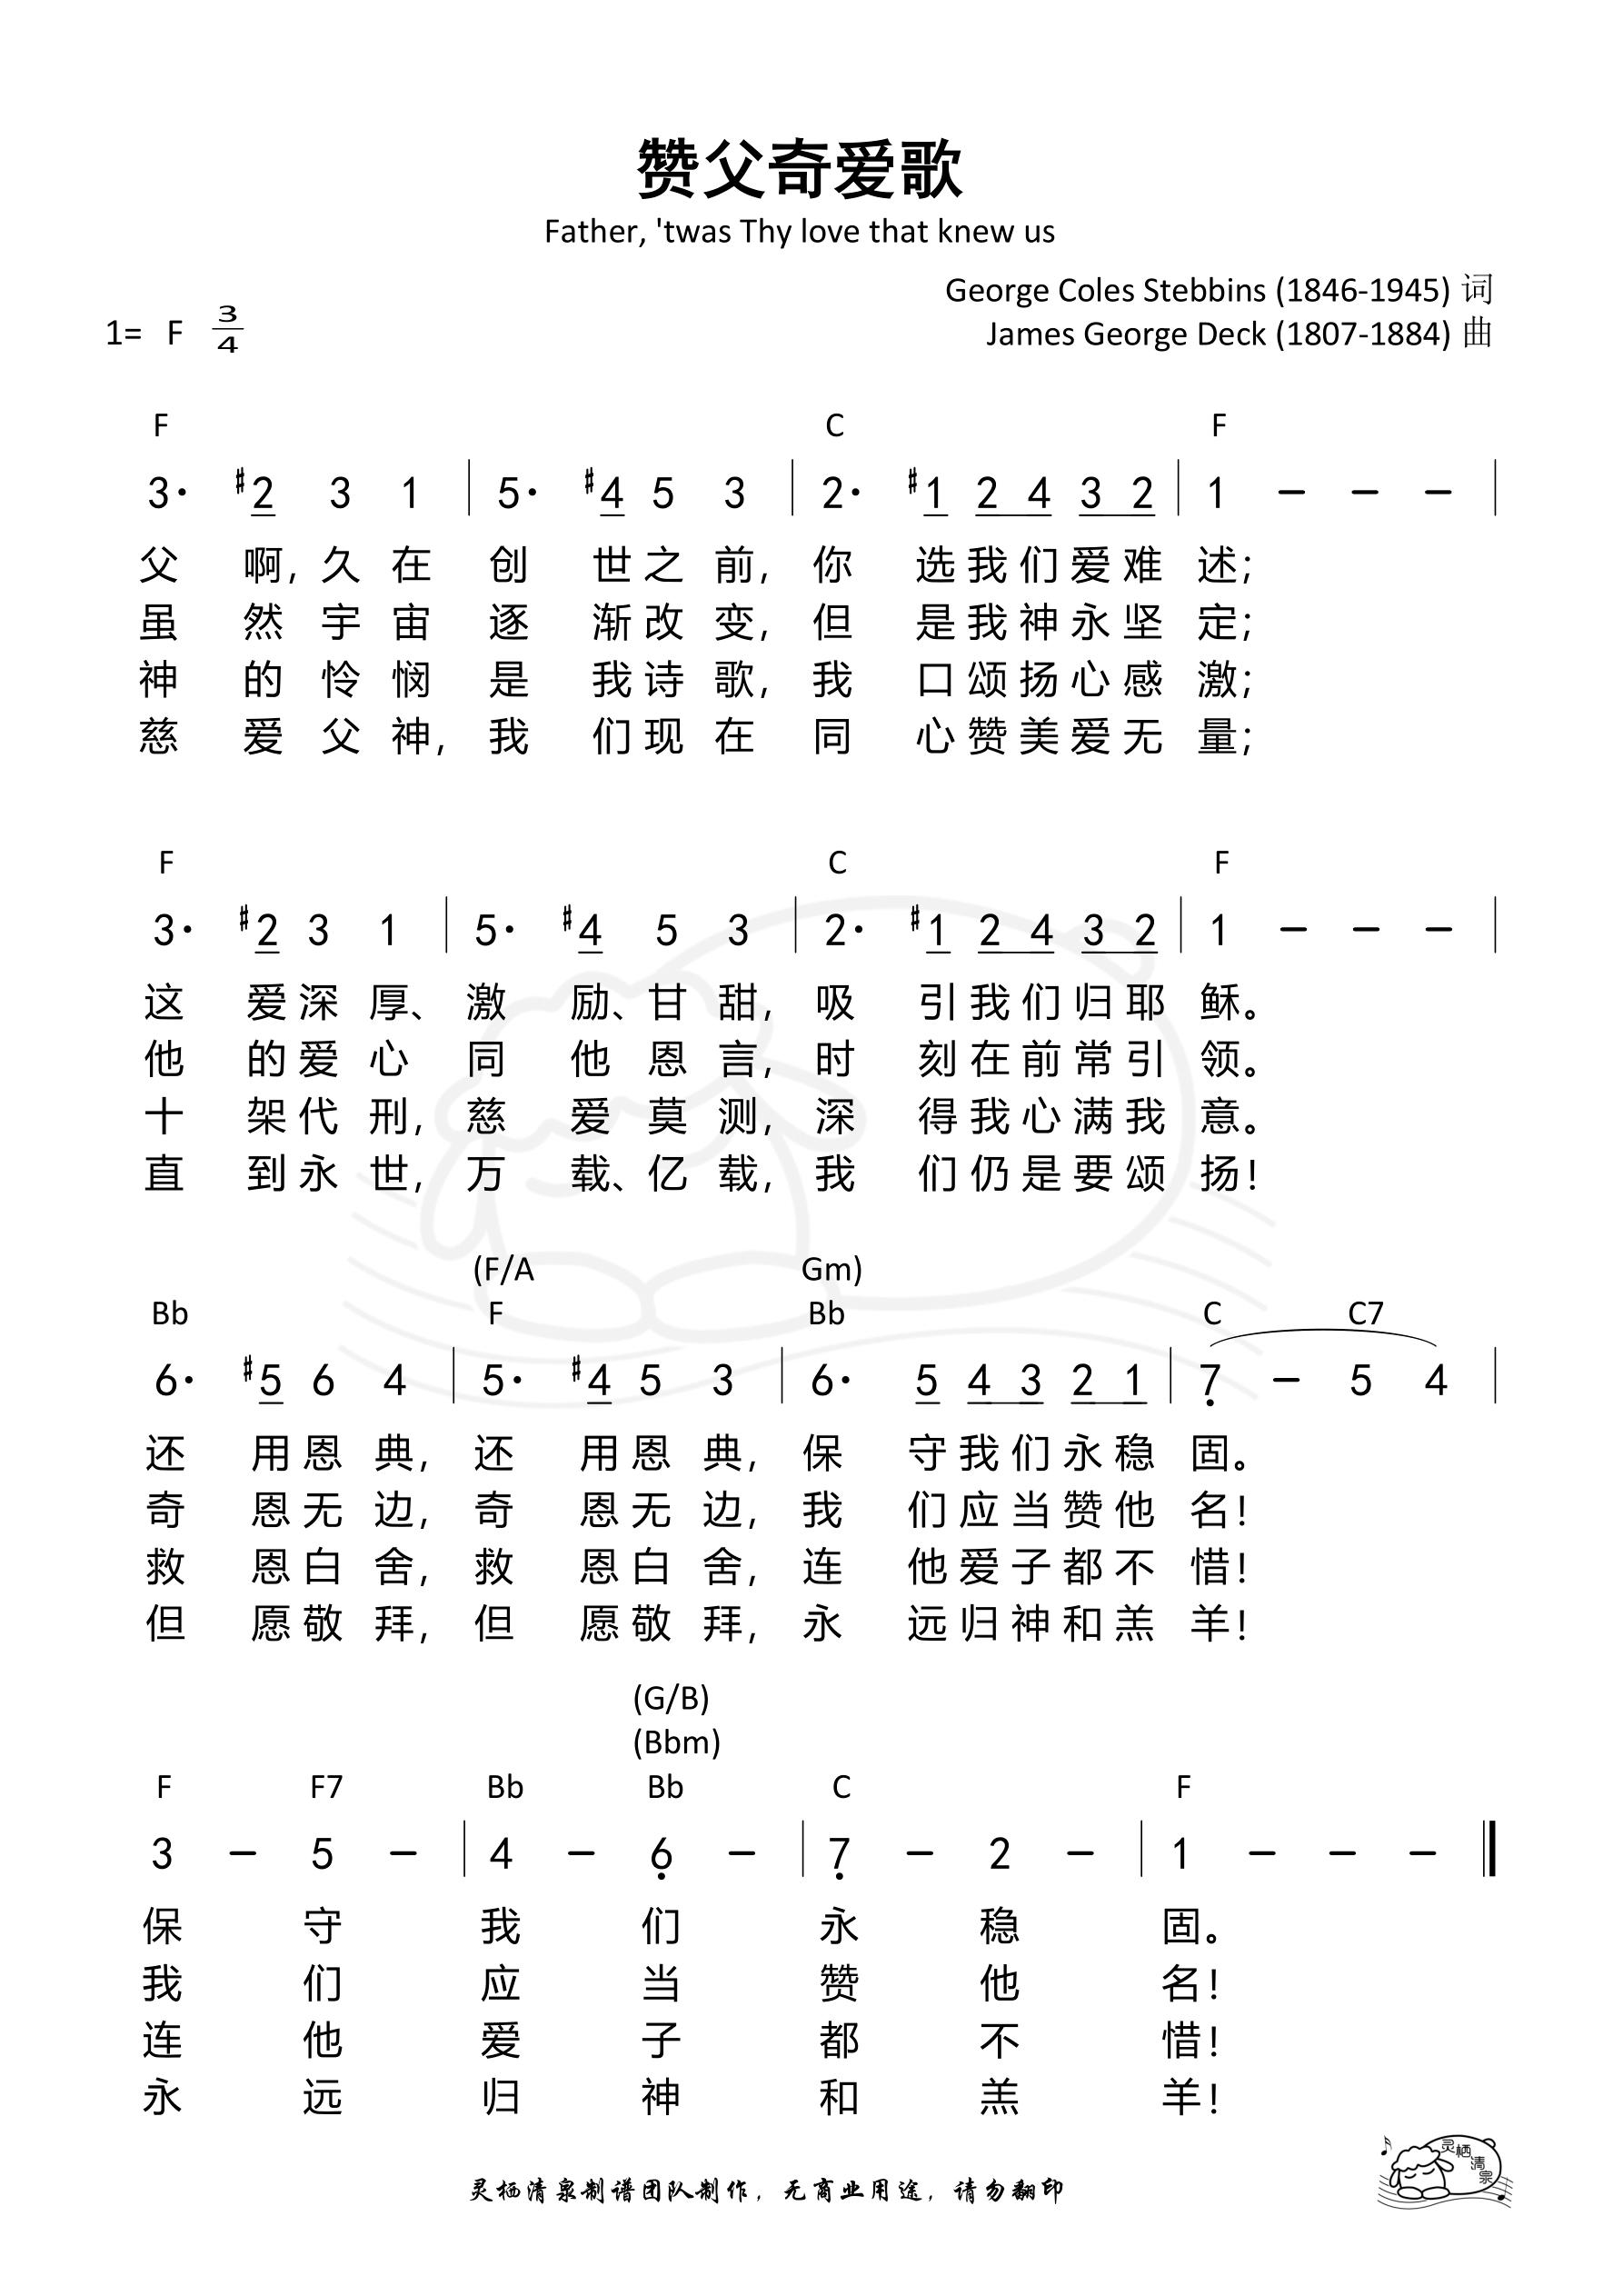 《第182首 - 赞父奇爱歌 和弦简谱》